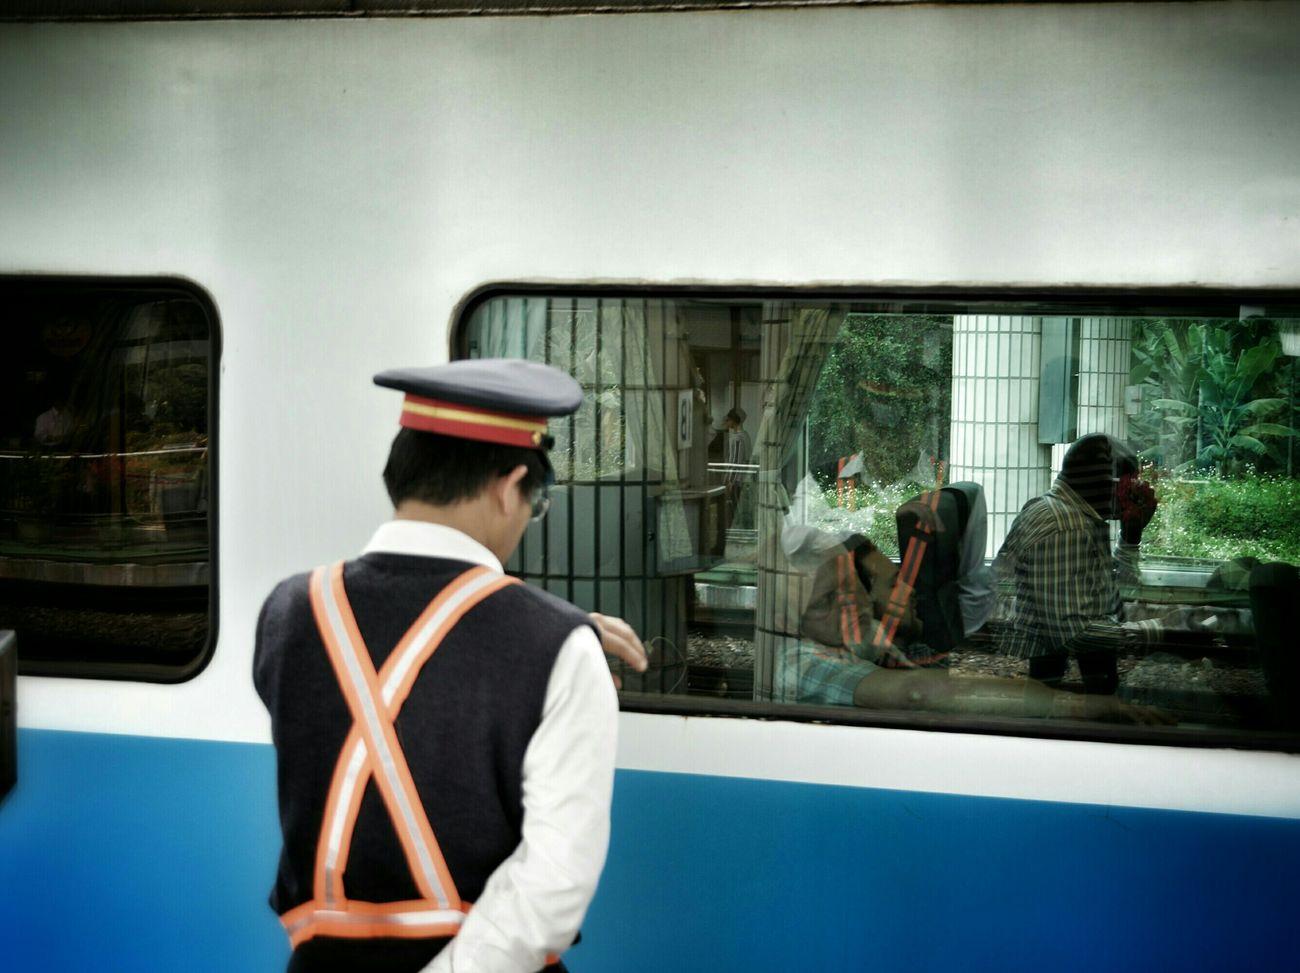 準點 on schedule What I Saw The View And The Spirit Of Taiwan 台灣景 台灣情 Portrait Train Streetphotography